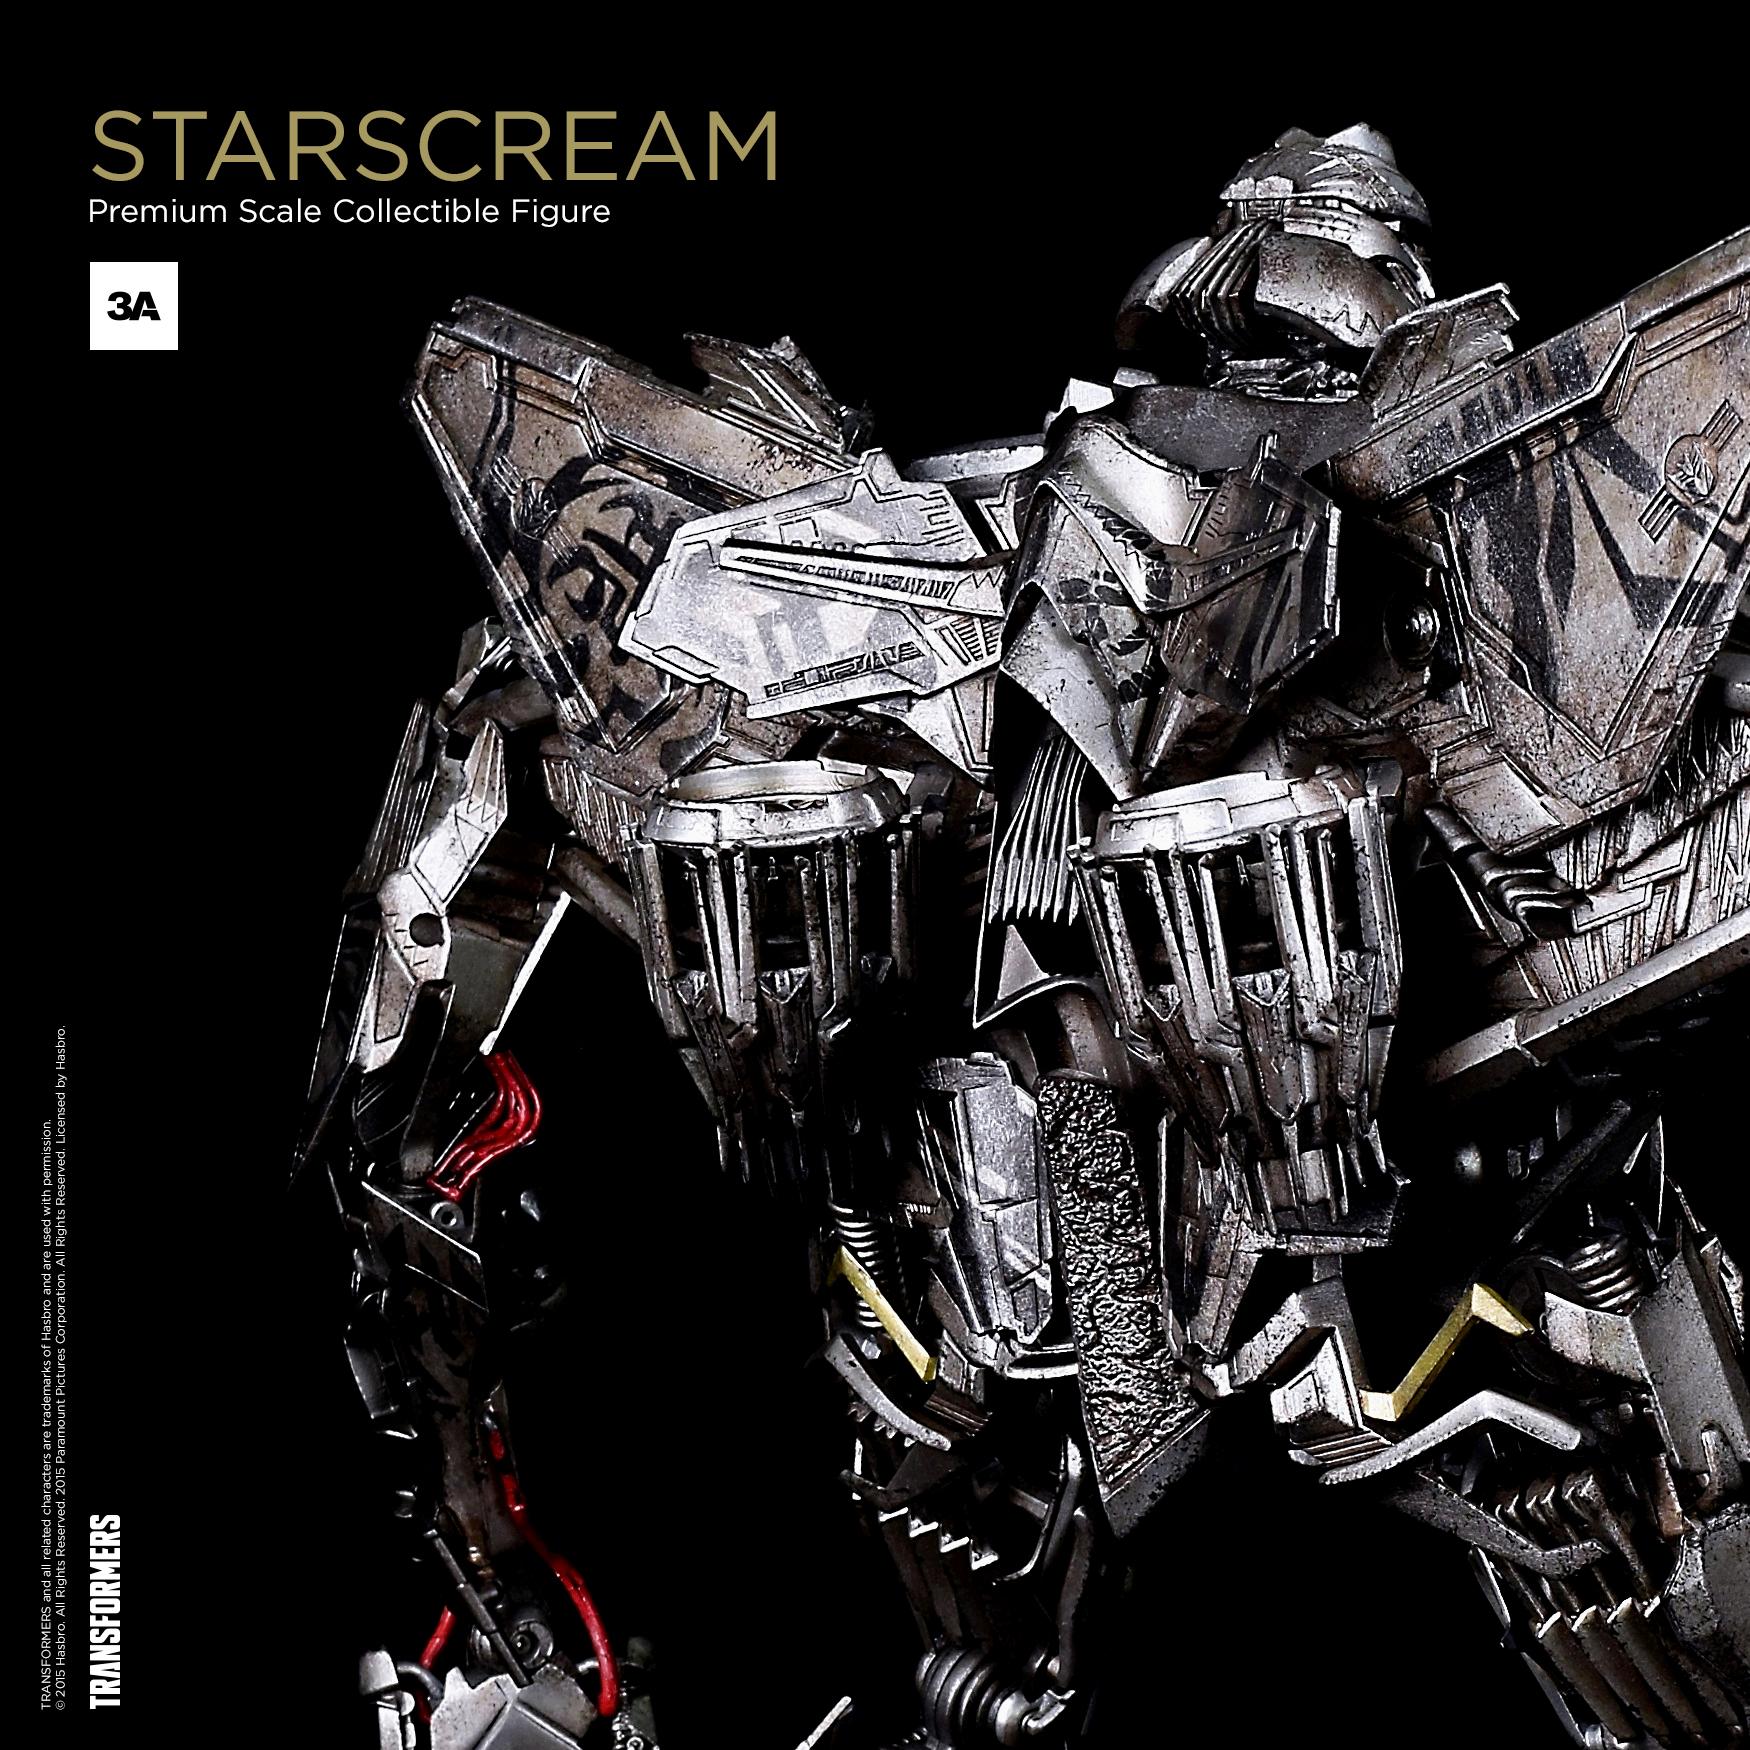 3A_Transformers_Starscream_Ad_1750x1750_E_002.jpg